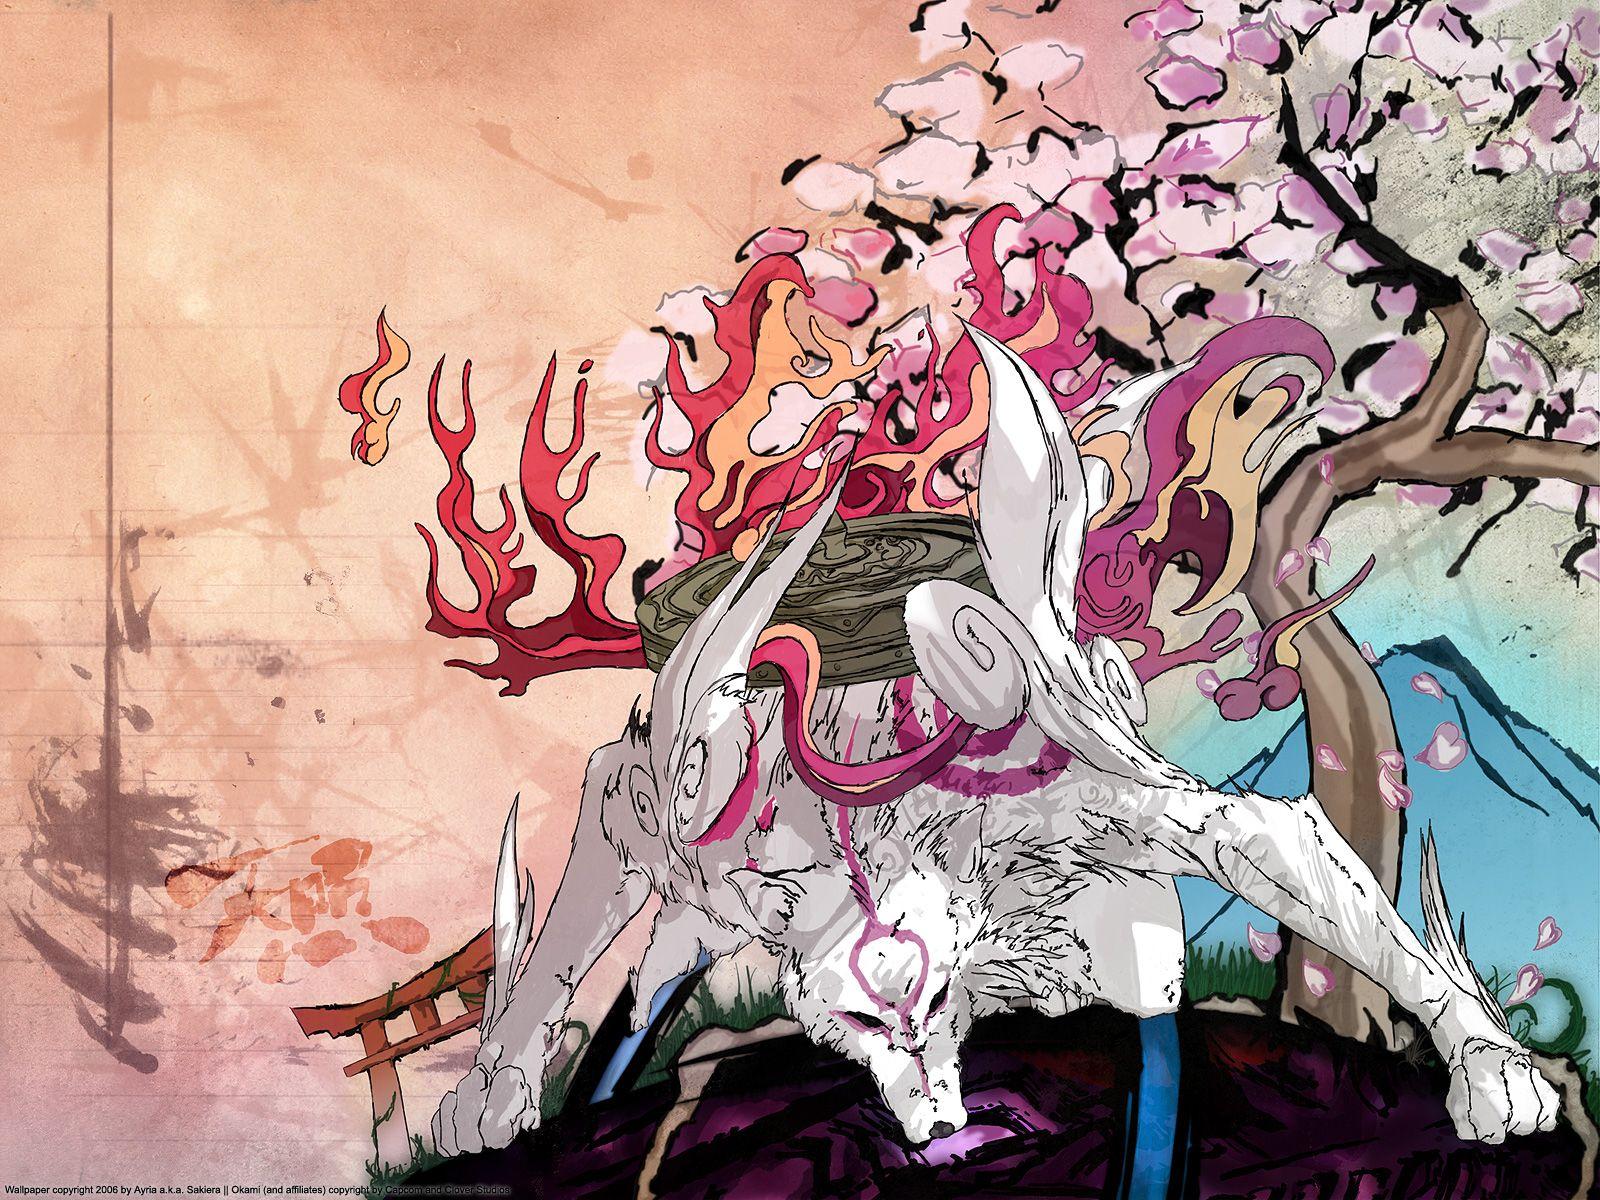 Wallpapers Okami Games Image 254363 Download Okami Suspended Animation Amaterasu